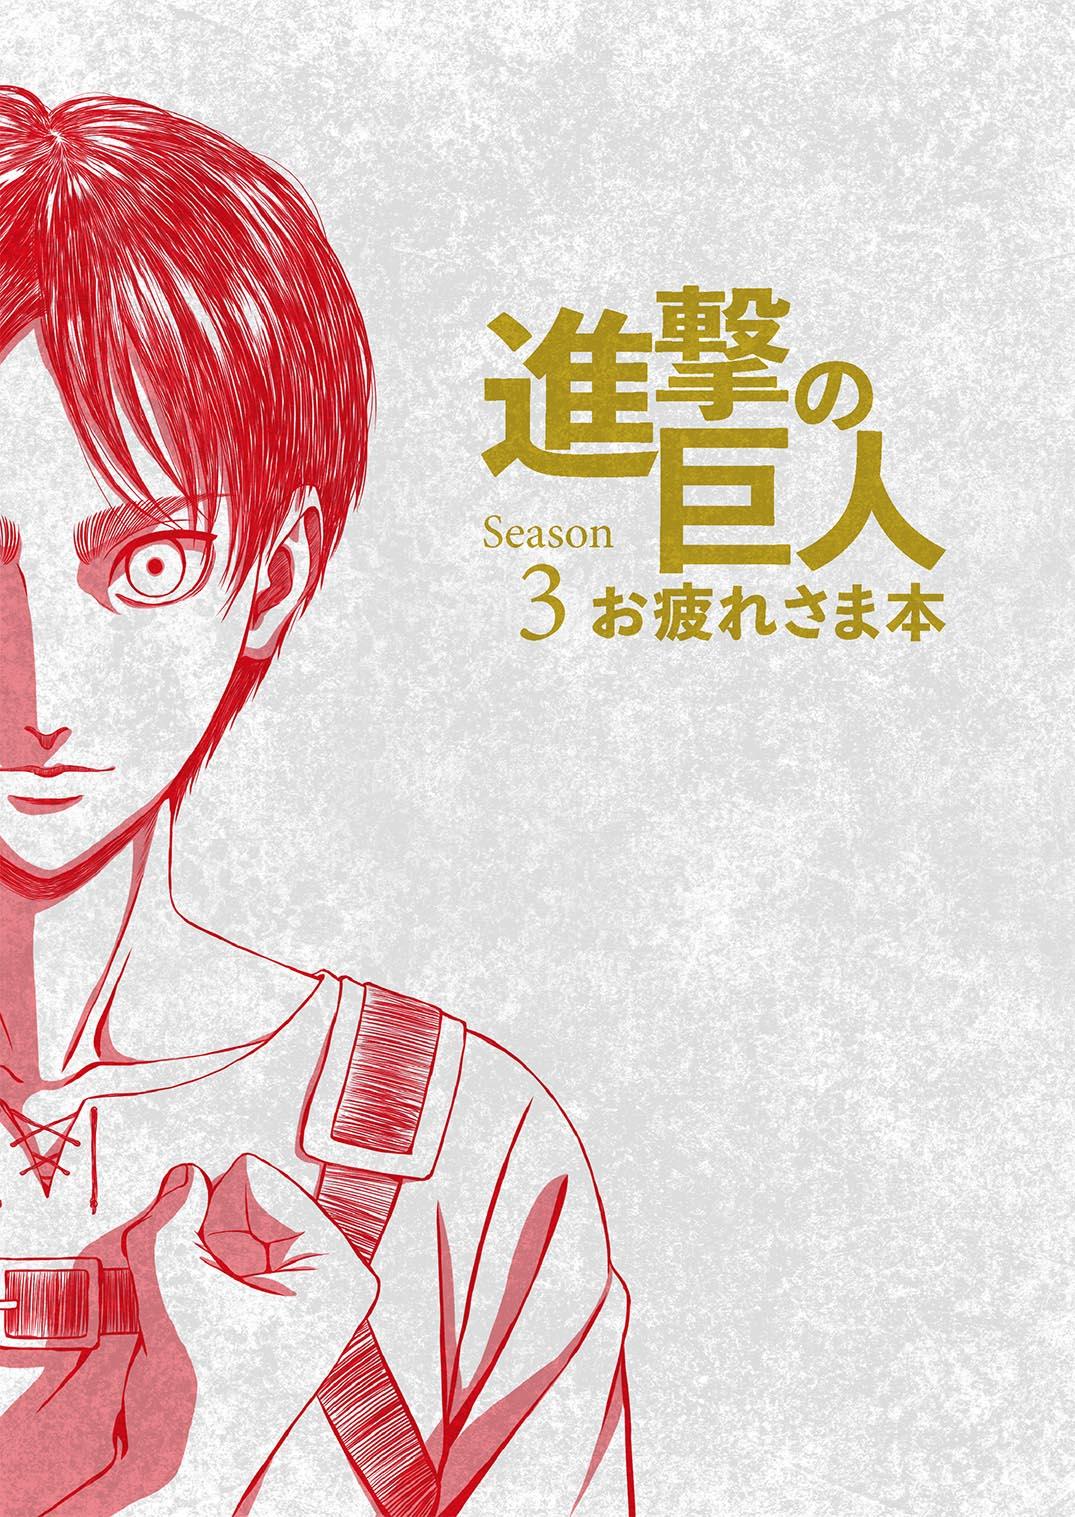 『進撃の巨人 Season 3 お疲れさま本』発売決定